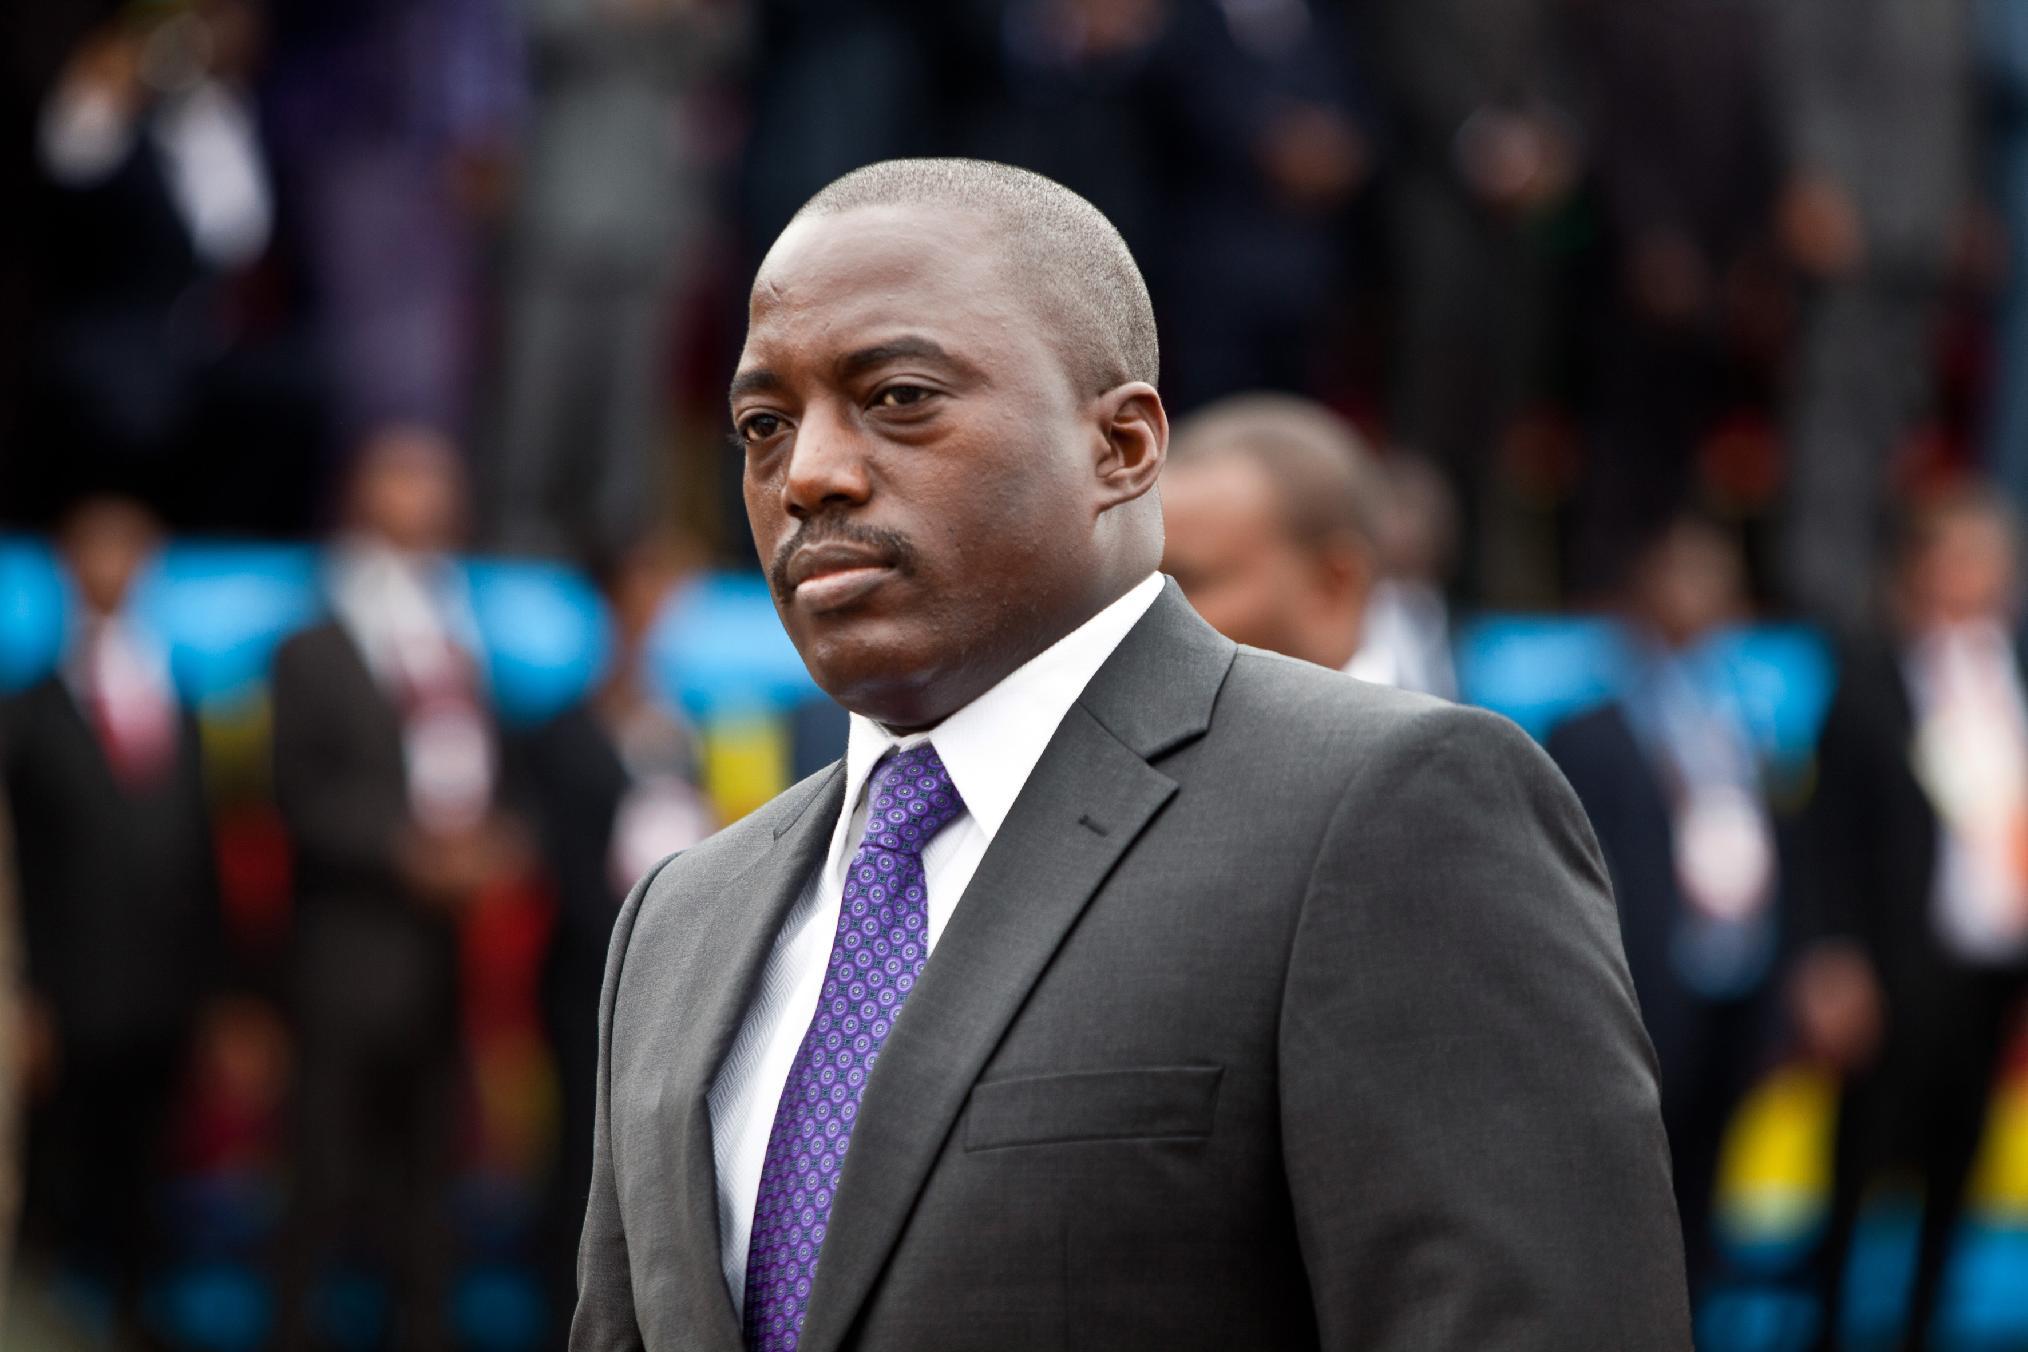 RENCONTRE ENTRE LE CHEF DE L'ETAT ET LES FORCES POLITIQUES ET SOCIALES EN RDC : Kabila peut-il réussir là où les évêques ont échoué?